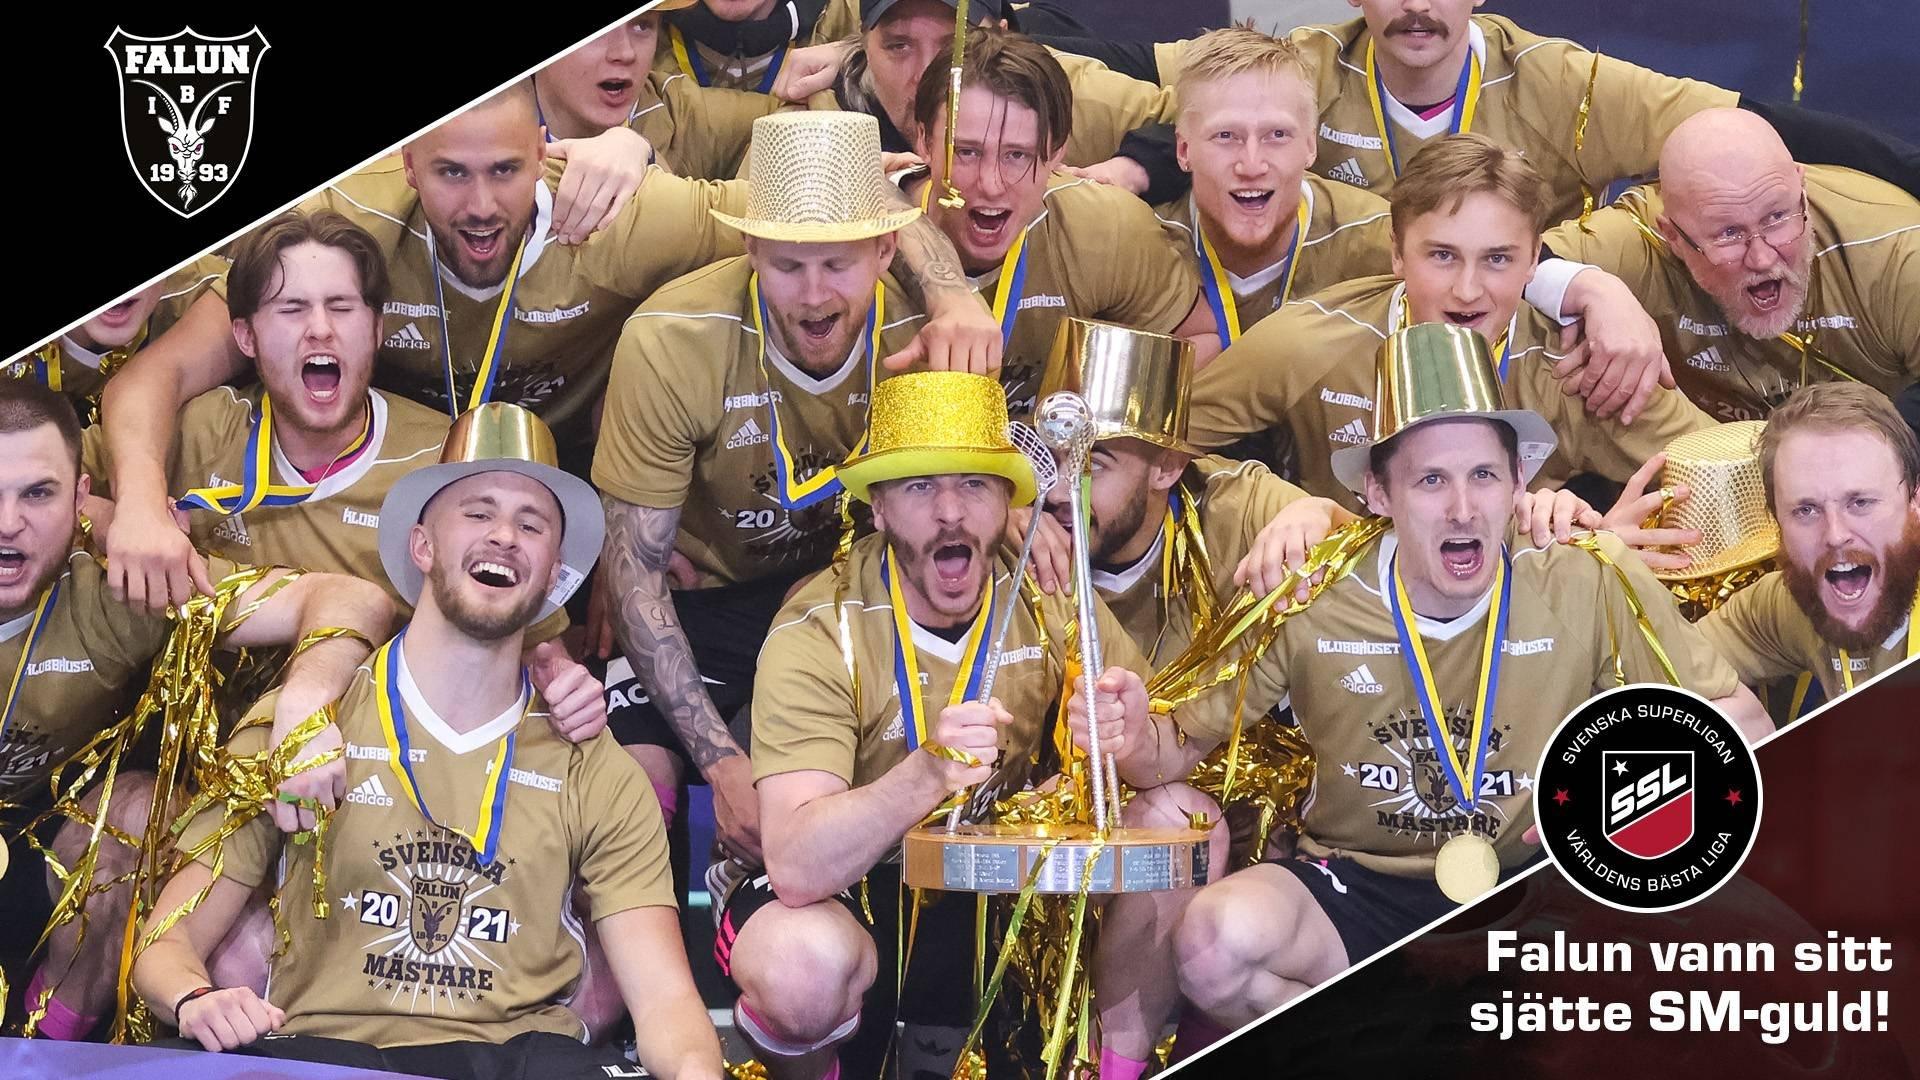 Veckans Wow: Falun vann sitt sjätte SM-guld!